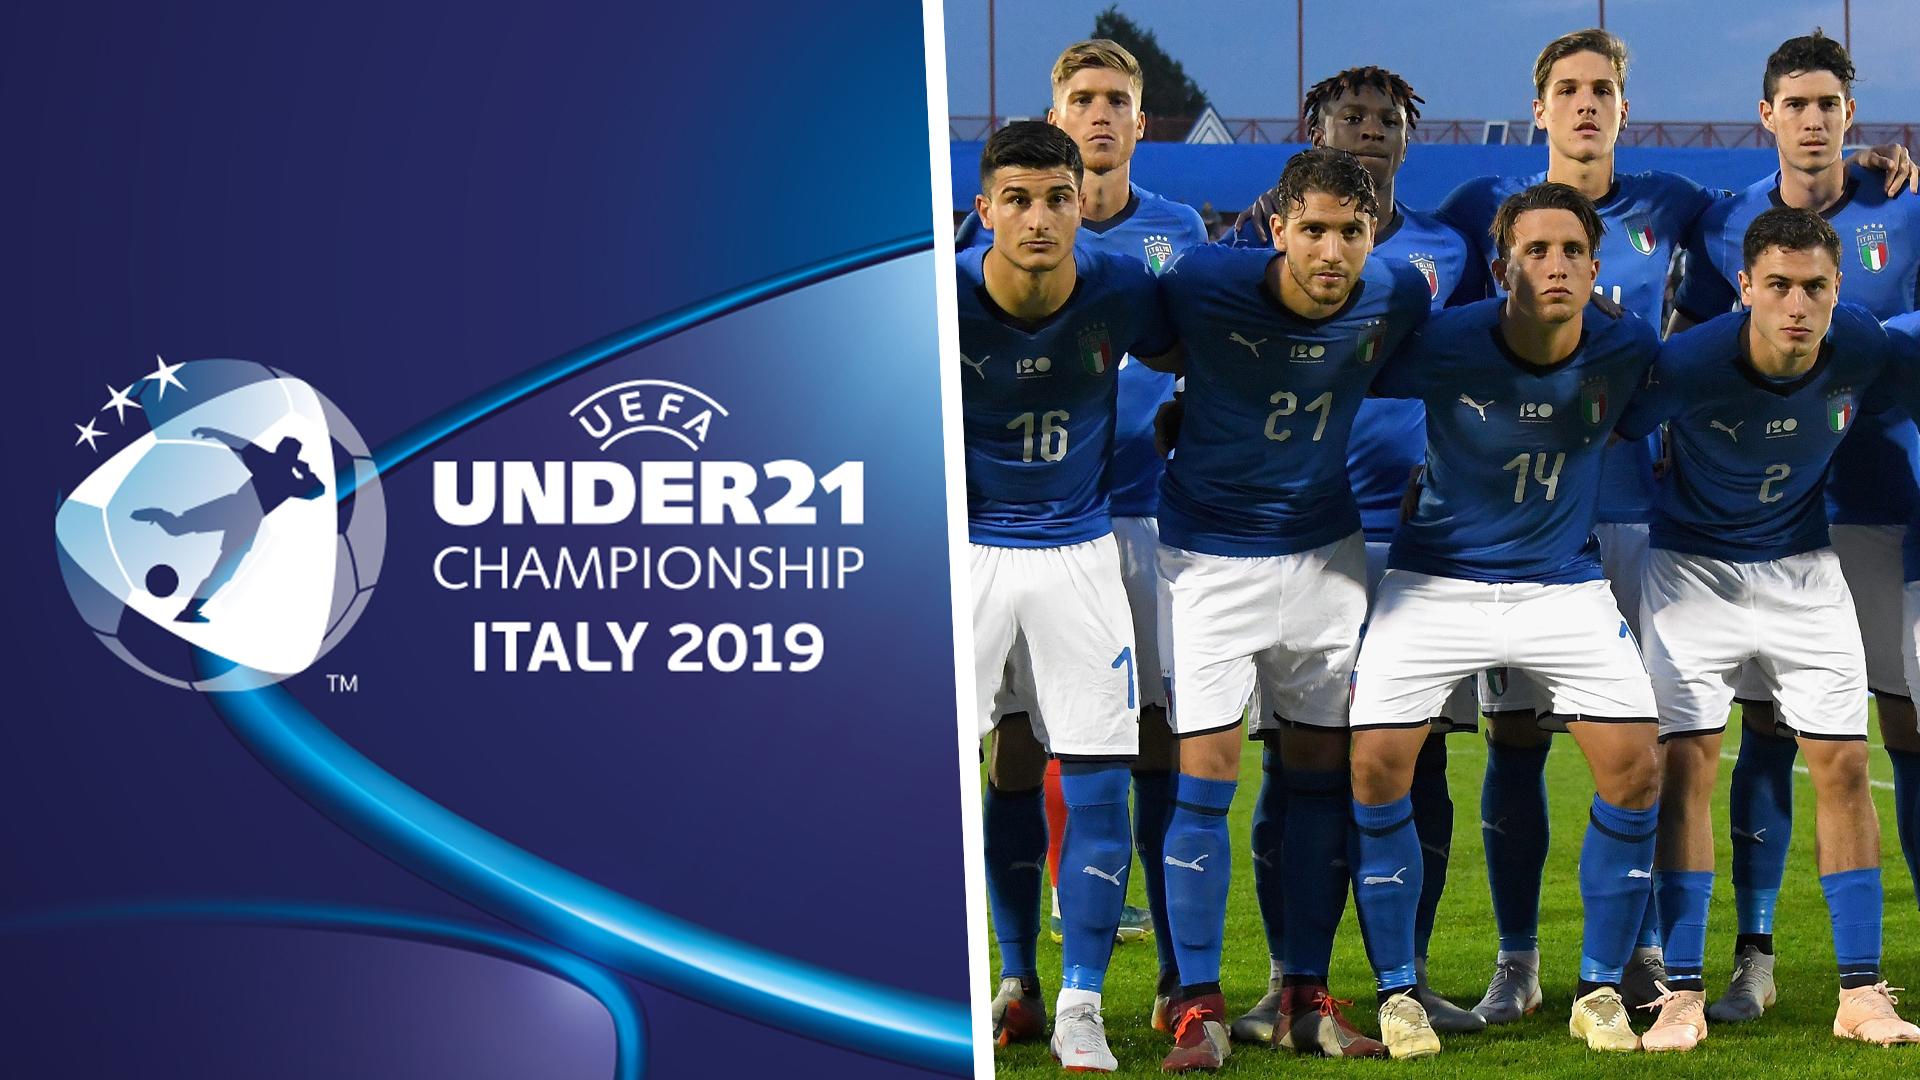 Calendario Nazionale Italiana Calcio.Europei Under 21 2019 Tabellone Calendario Risultati E